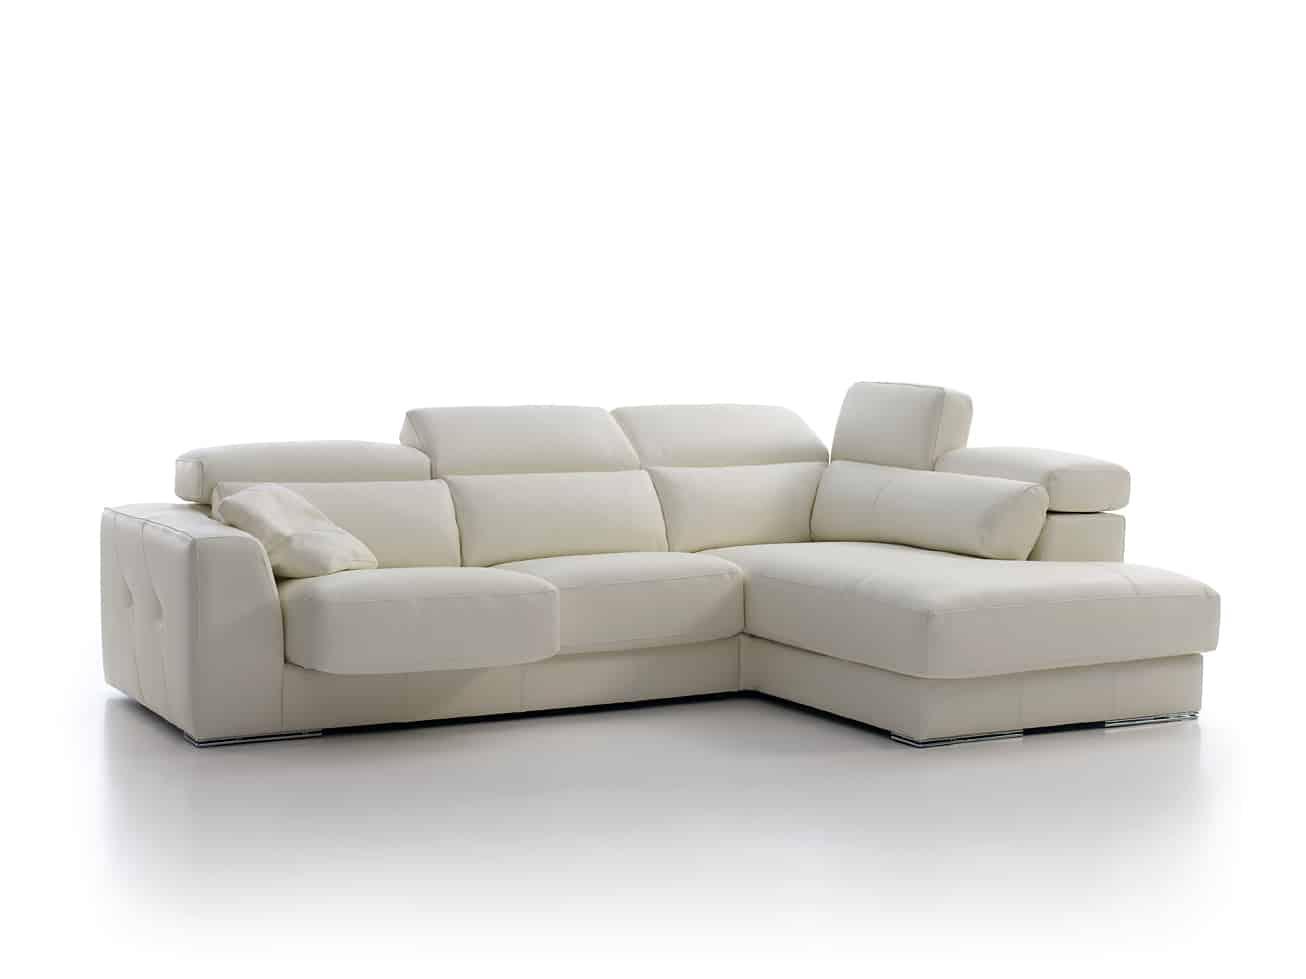 Luthien pedro ortiz - Sofa pedro ortiz ...